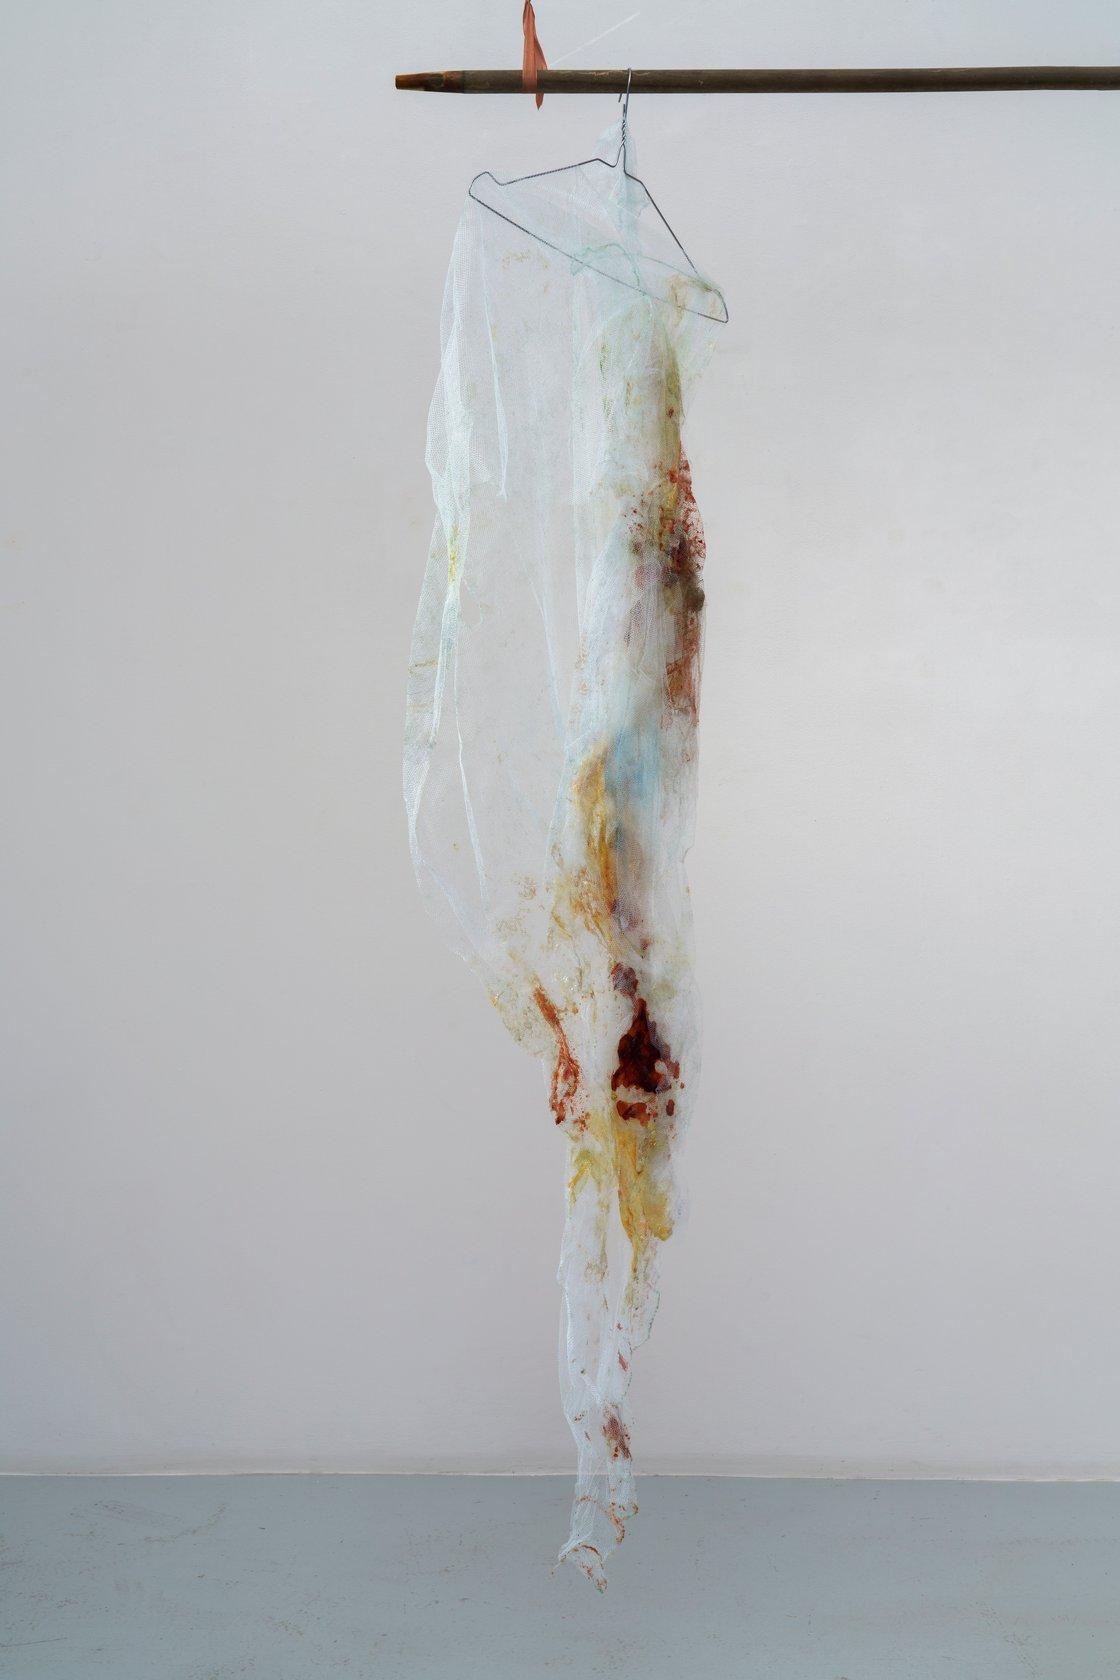 Mimosa Echard, Love moustiquaire, 2019